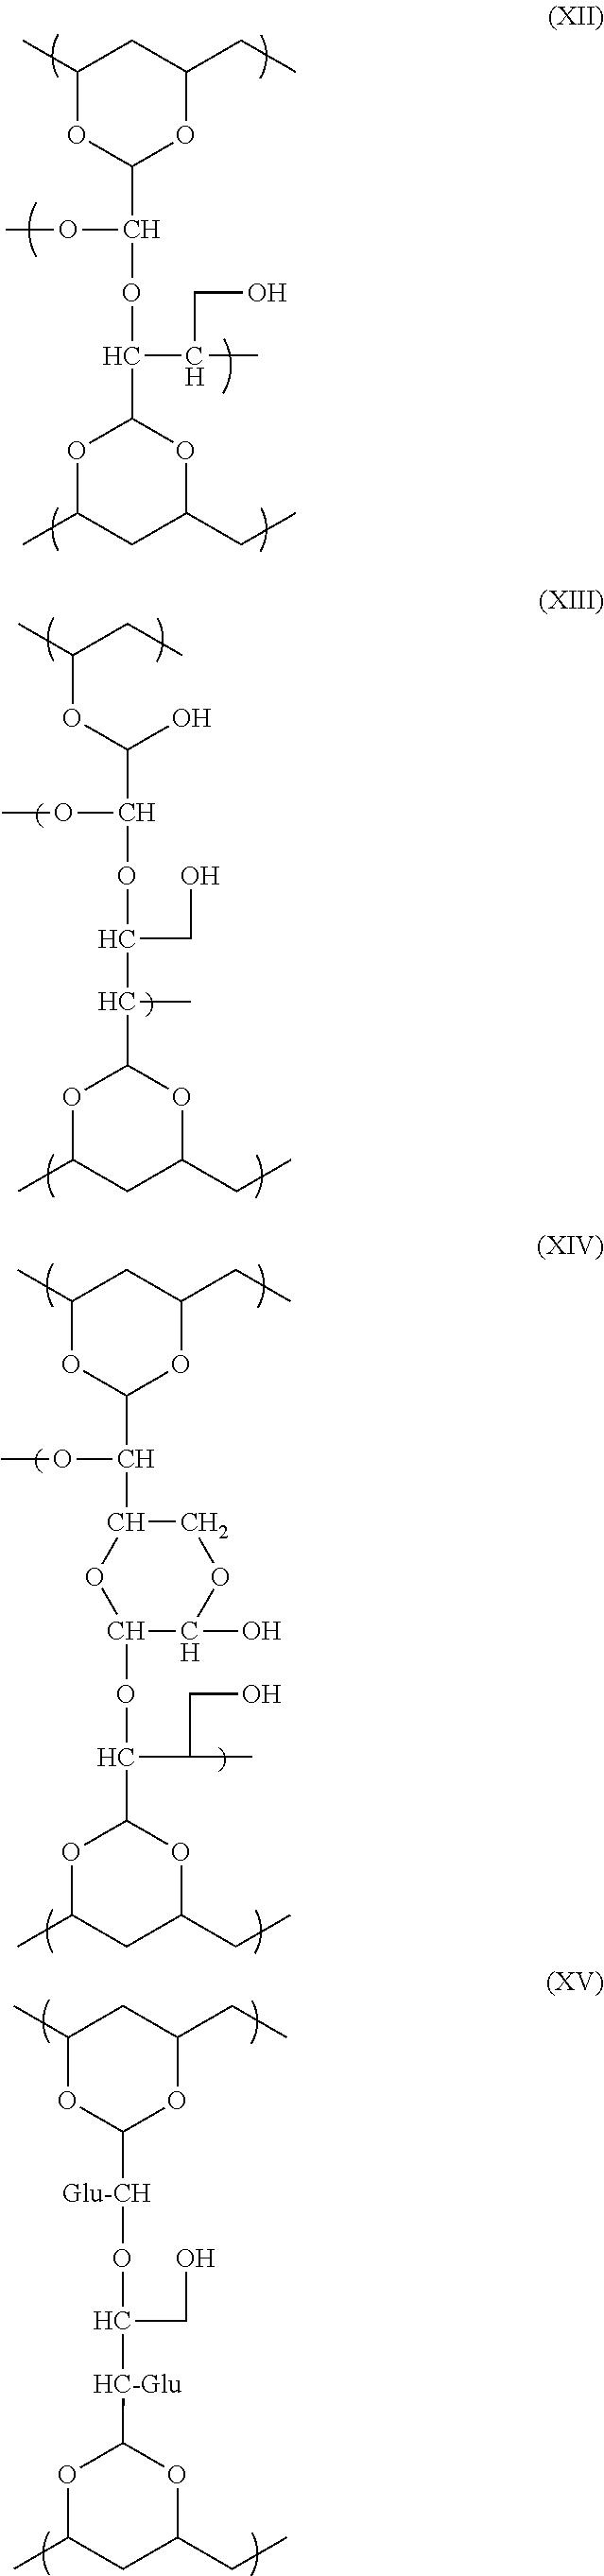 Figure US09884505-20180206-C00009